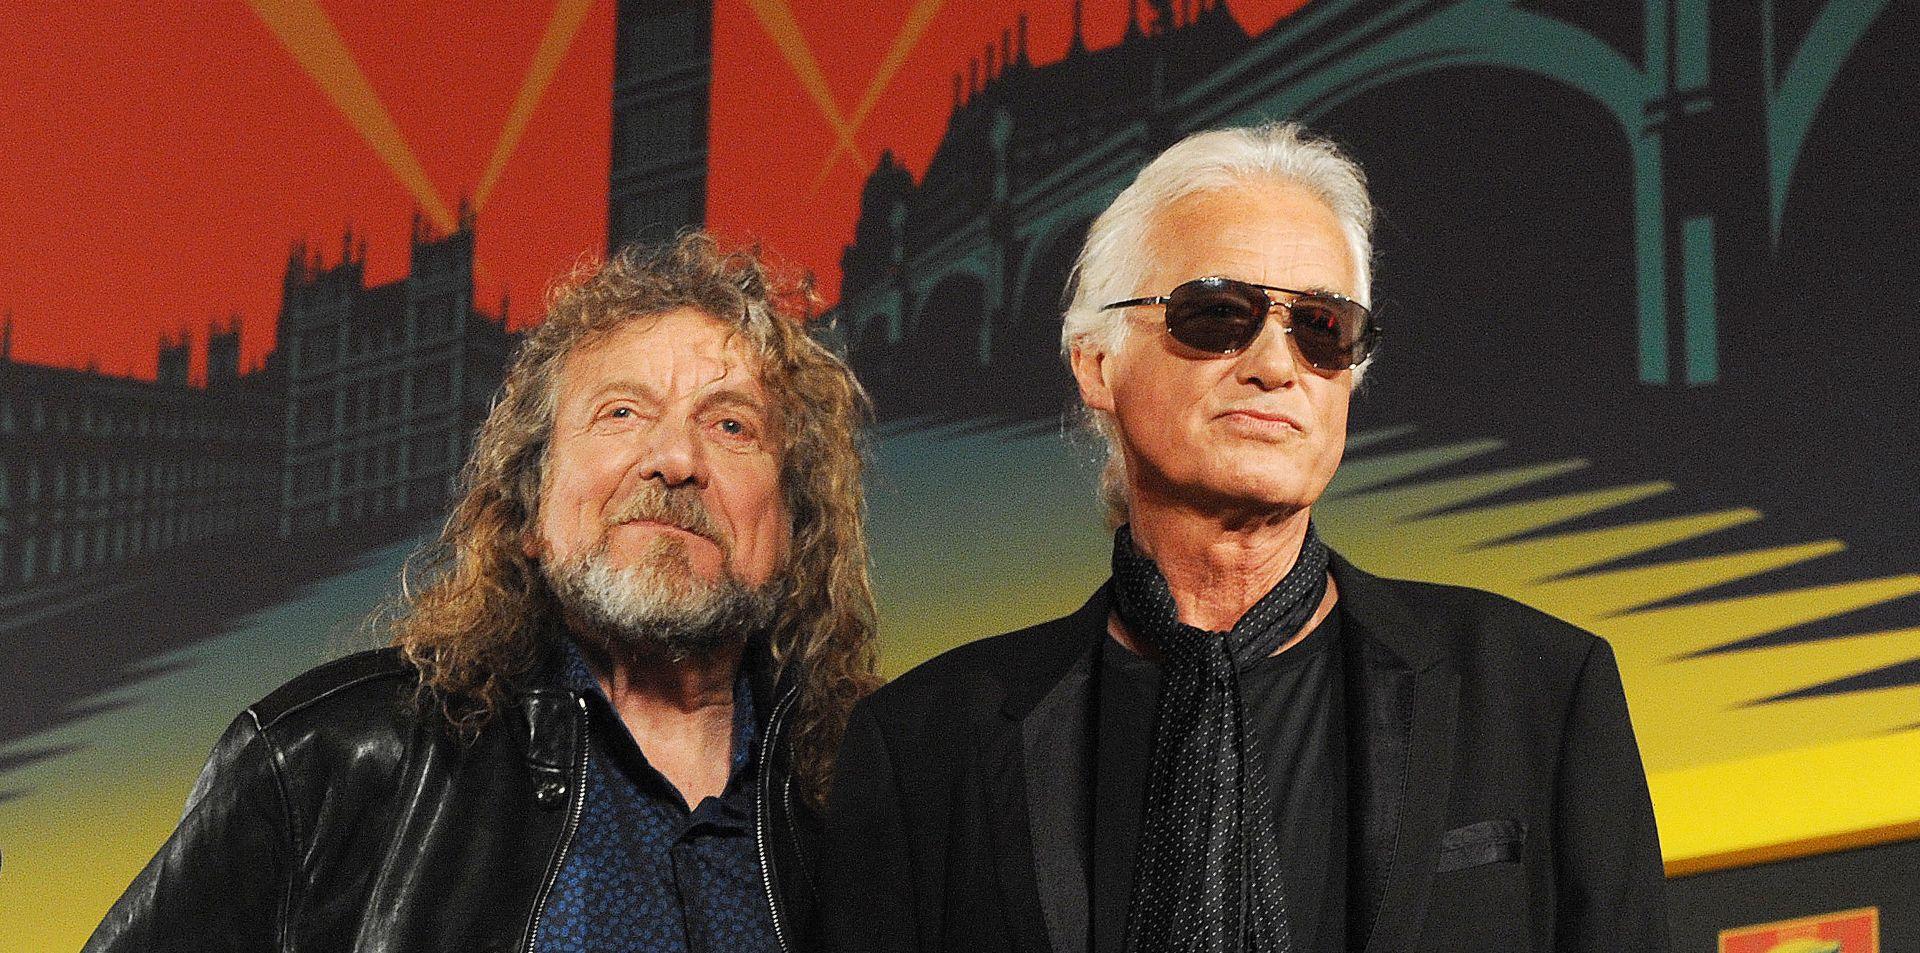 PLAGIJATORI? Ponovno suđenje Led Zeppelinu